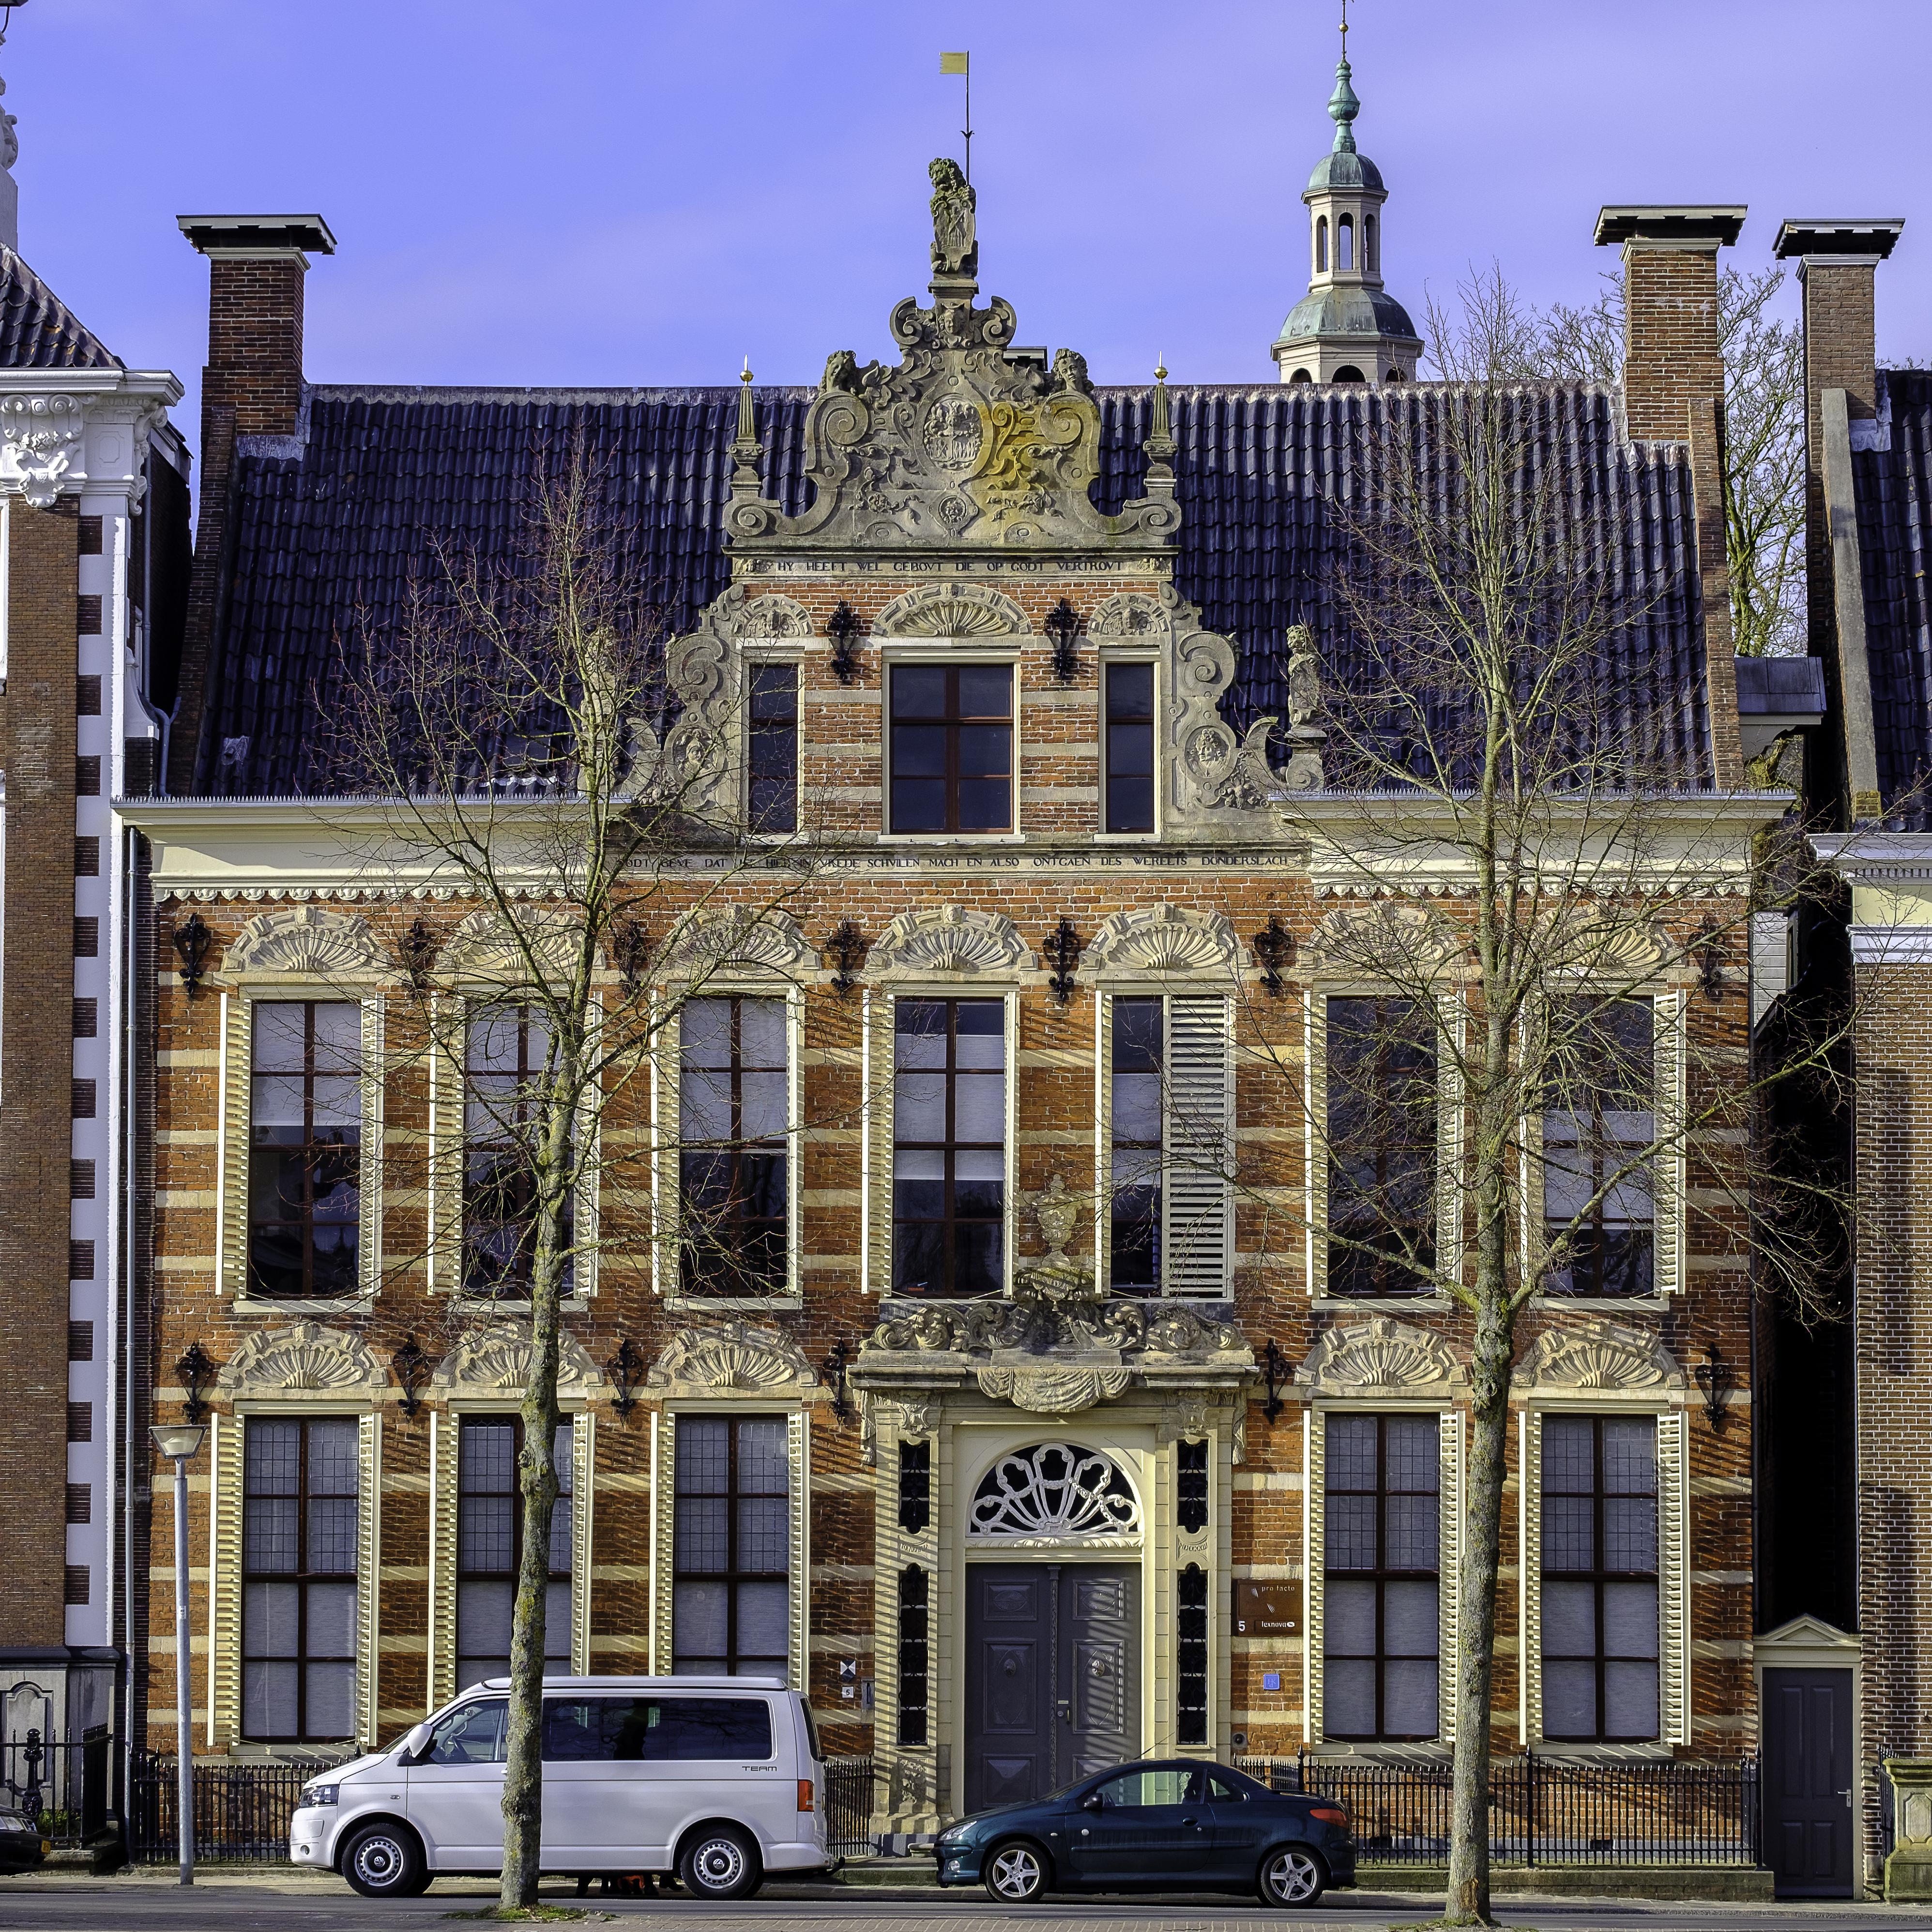 File:Groningen - Ossenmarkt 5.jpg